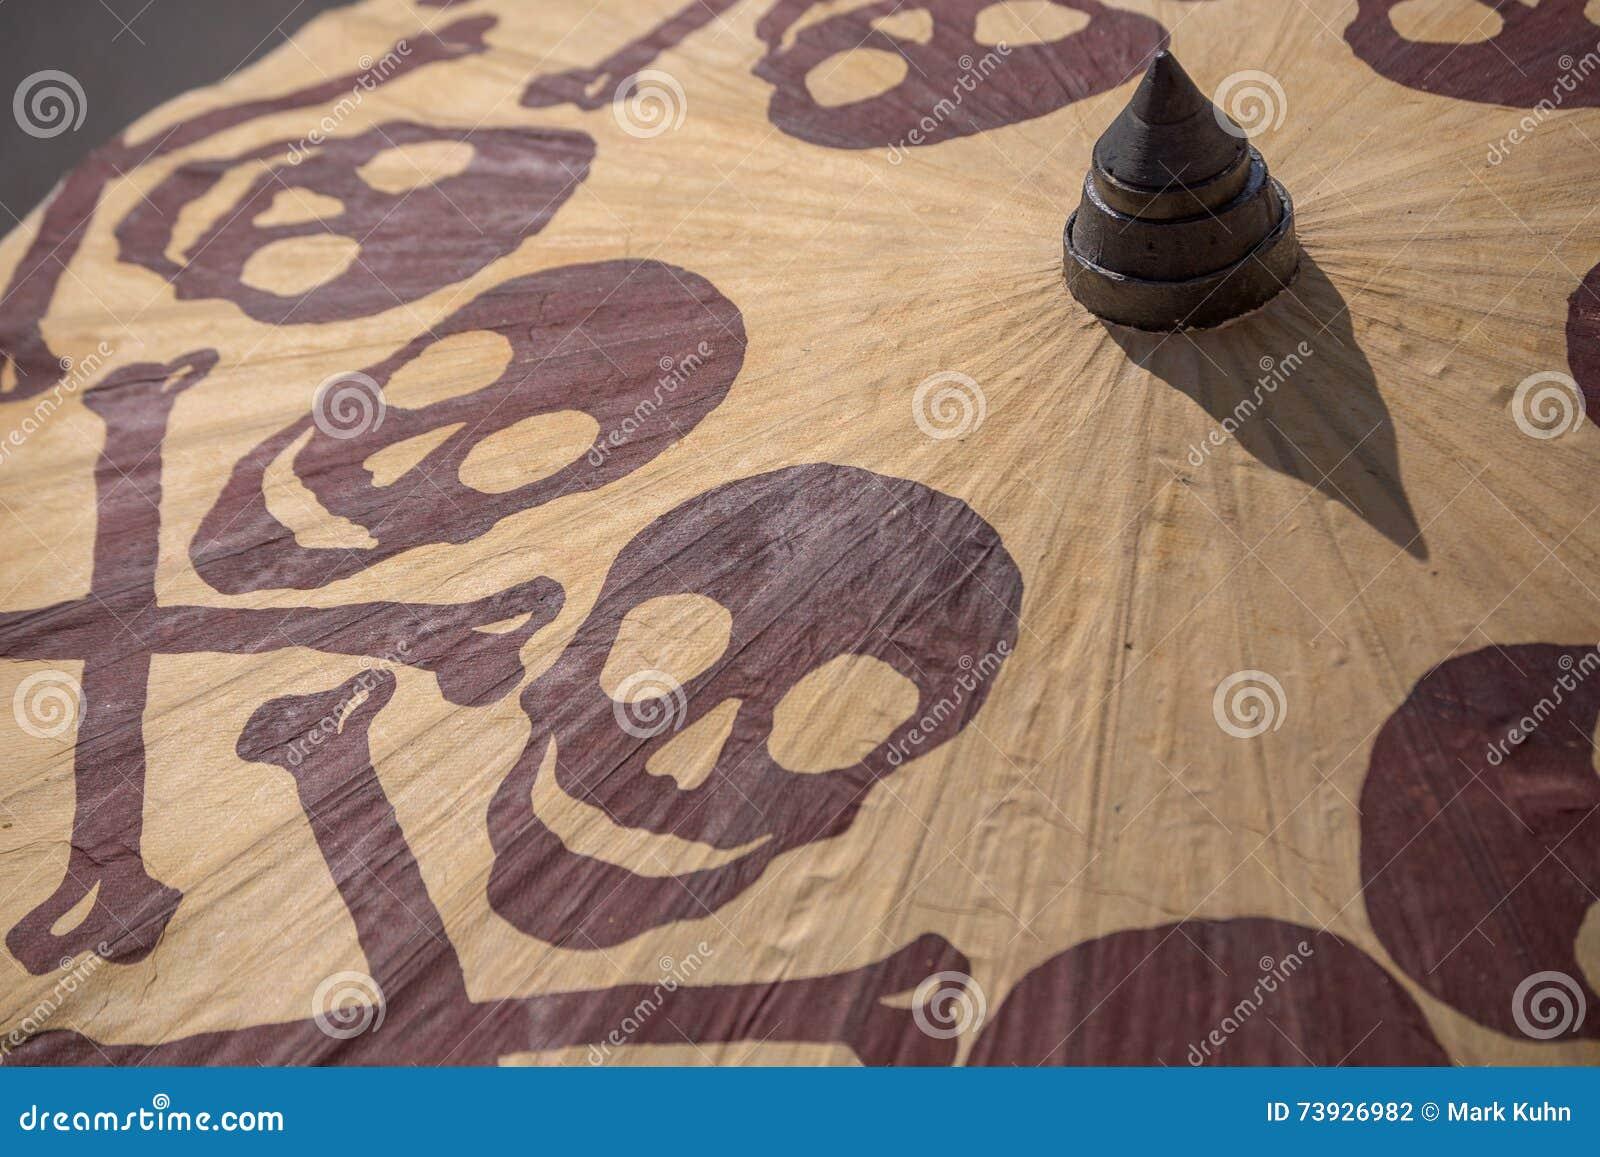 An ominous parasol